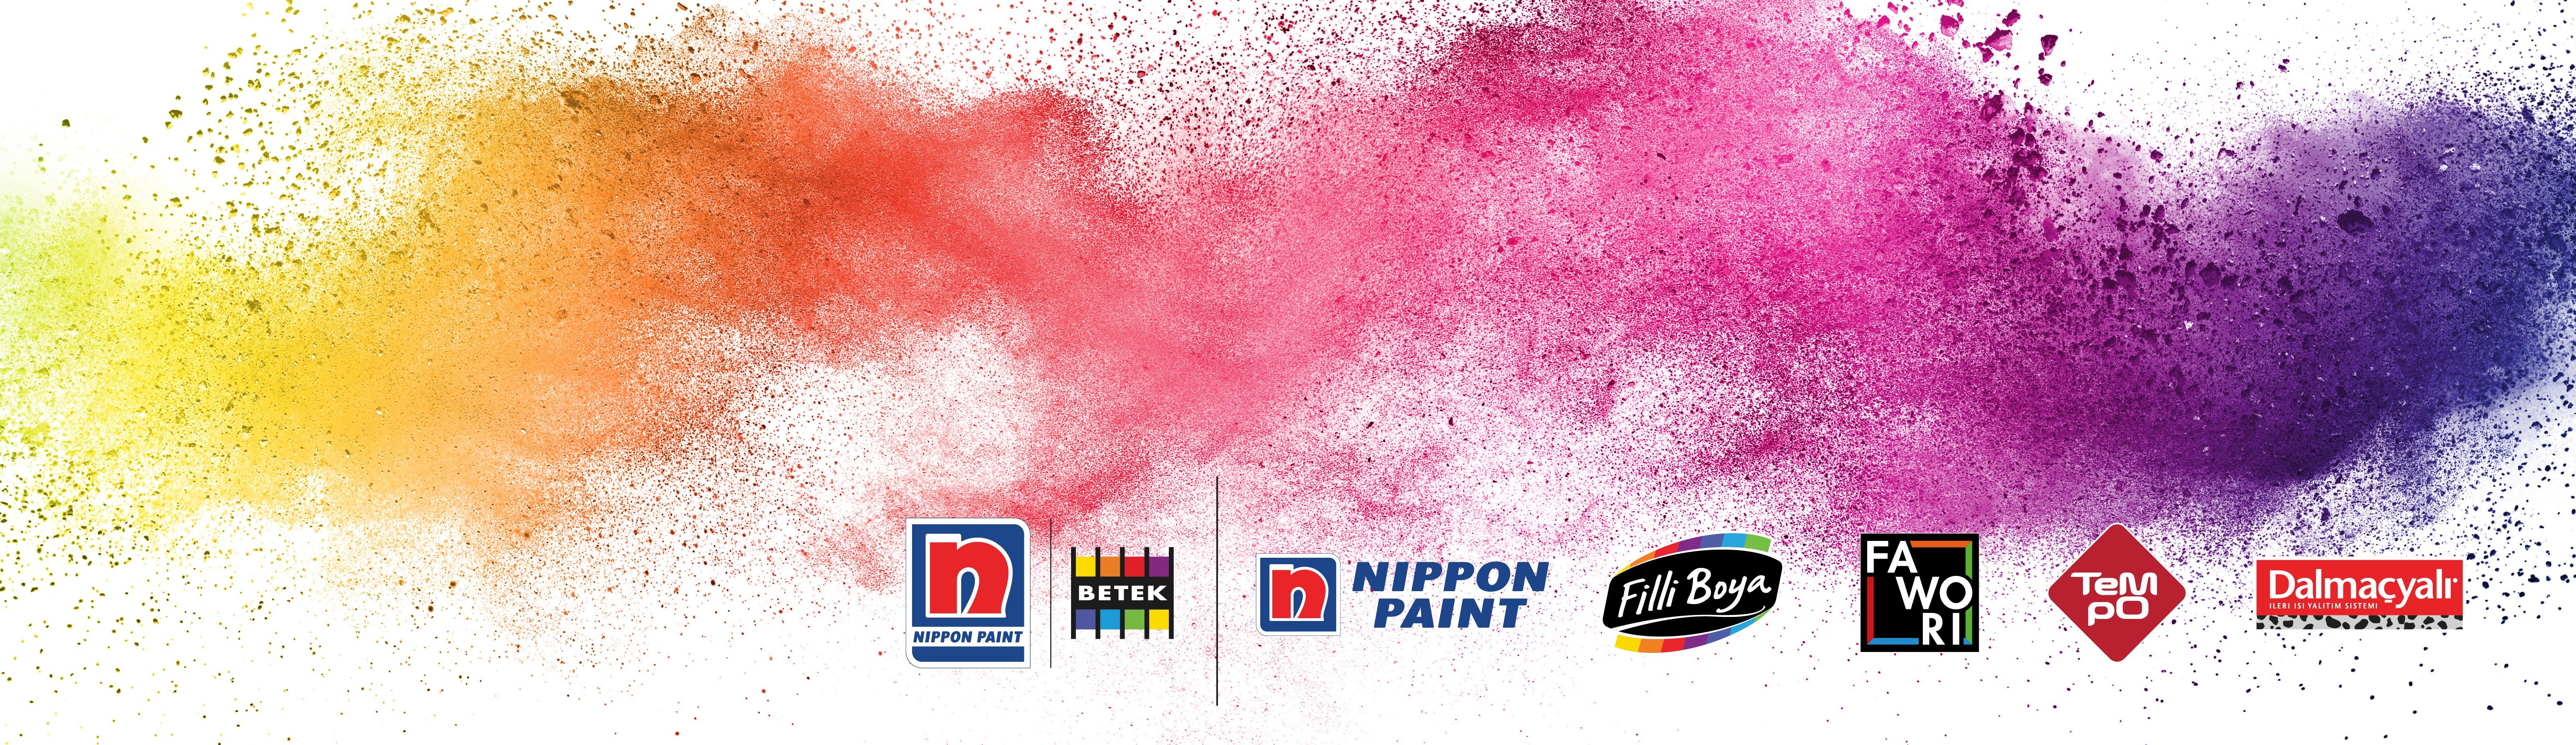 Betek Boya Ve Kimya Sanayi A S Nippon Paint Filli Boya Fawori